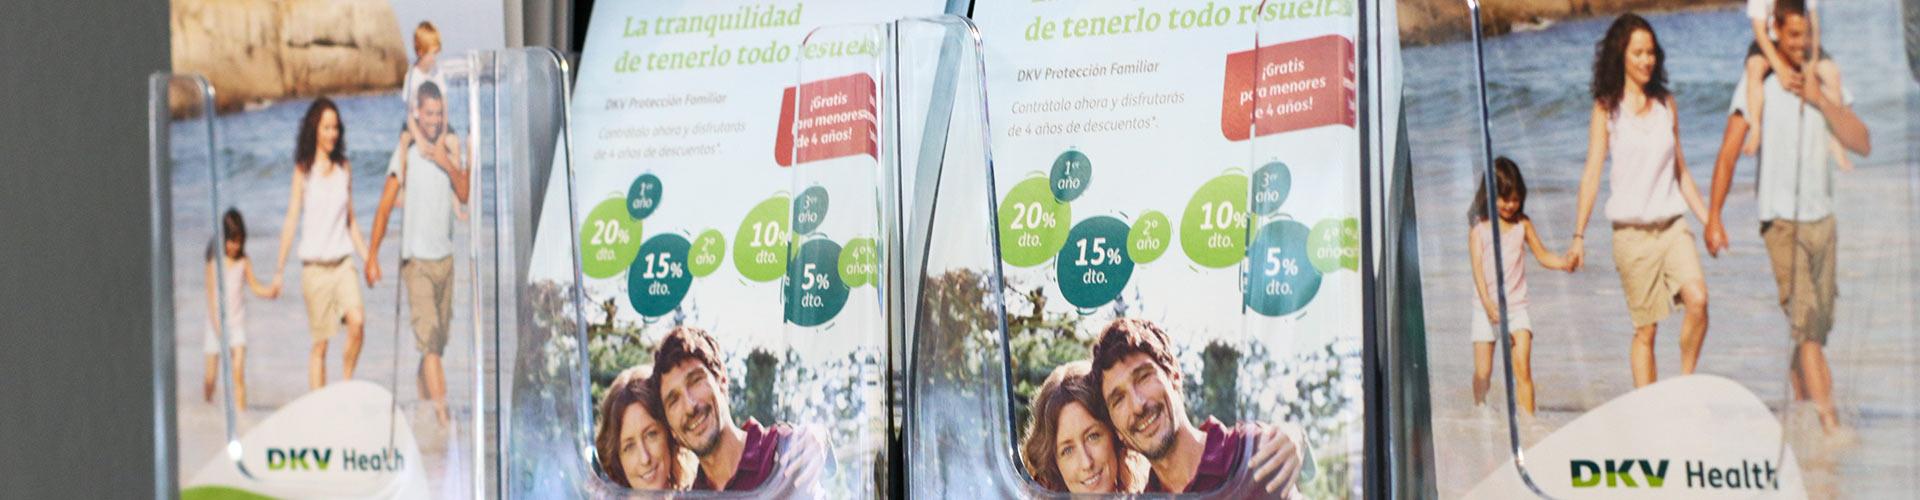 Ventajas de elegir un seguro médico de reembolso en DKV Elche